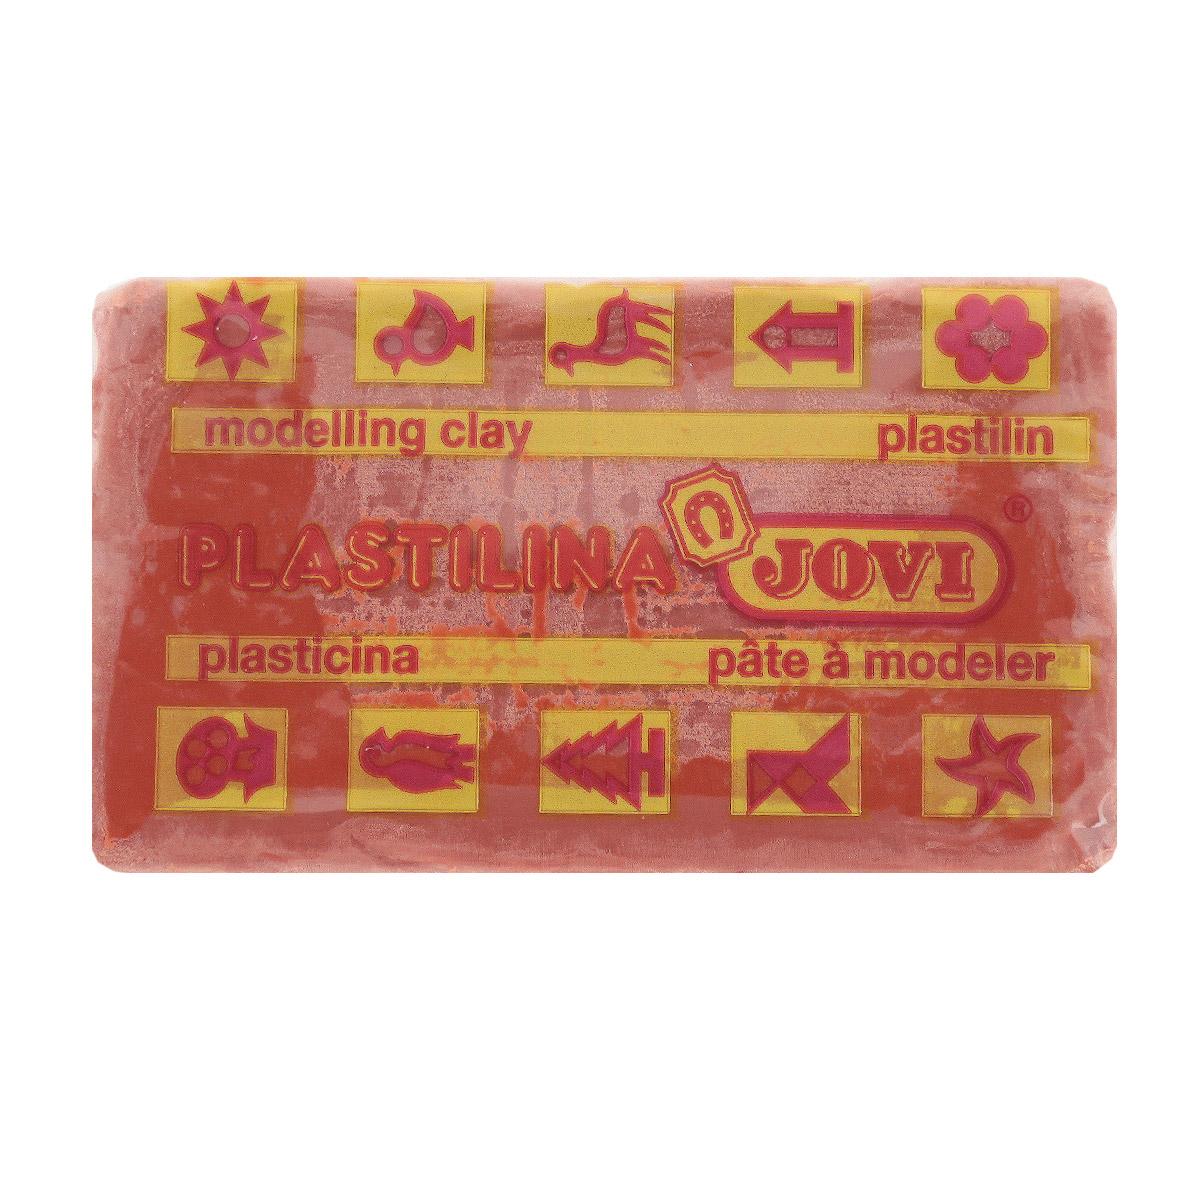 Jovi Пластилин, цвет: коричневый, 50 г70/30U_коричневыйПластилин Jovi - лучший выбор для лепки, он обладает превосходными изобразительными возможностями и поэтому дает простор воображению и самым смелым творческим замыслам. Пластилин, изготовленный на растительной основе, очень мягкий, легко разминается и смешивается, не пачкает руки и не прилипает к рабочей поверхности. Пластилин пригоден для создания аппликаций и поделок, ручной лепки, моделирования на каркасе, пластилиновой живописи - рисовании пластилином по бумаге, картону, дереву или текстилю. Пластические свойства сохраняются в течение 5 лет.